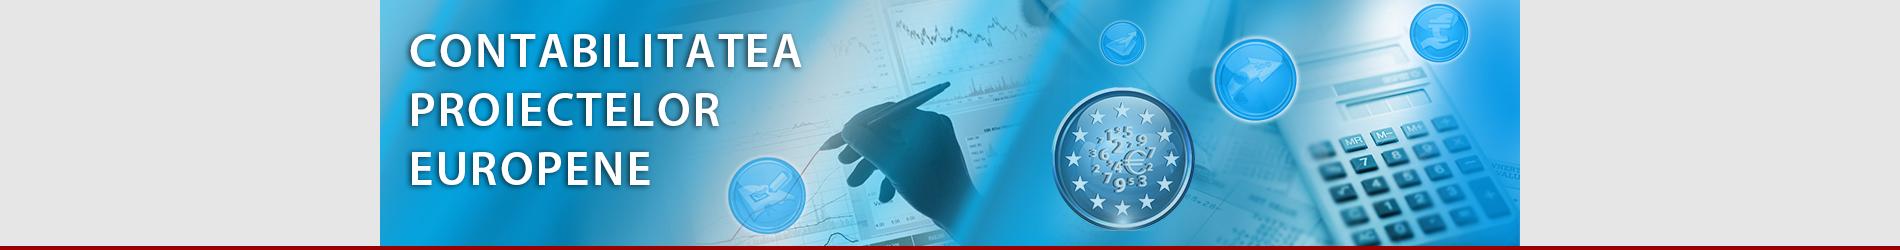 banner_site_contabilitatea pr europene